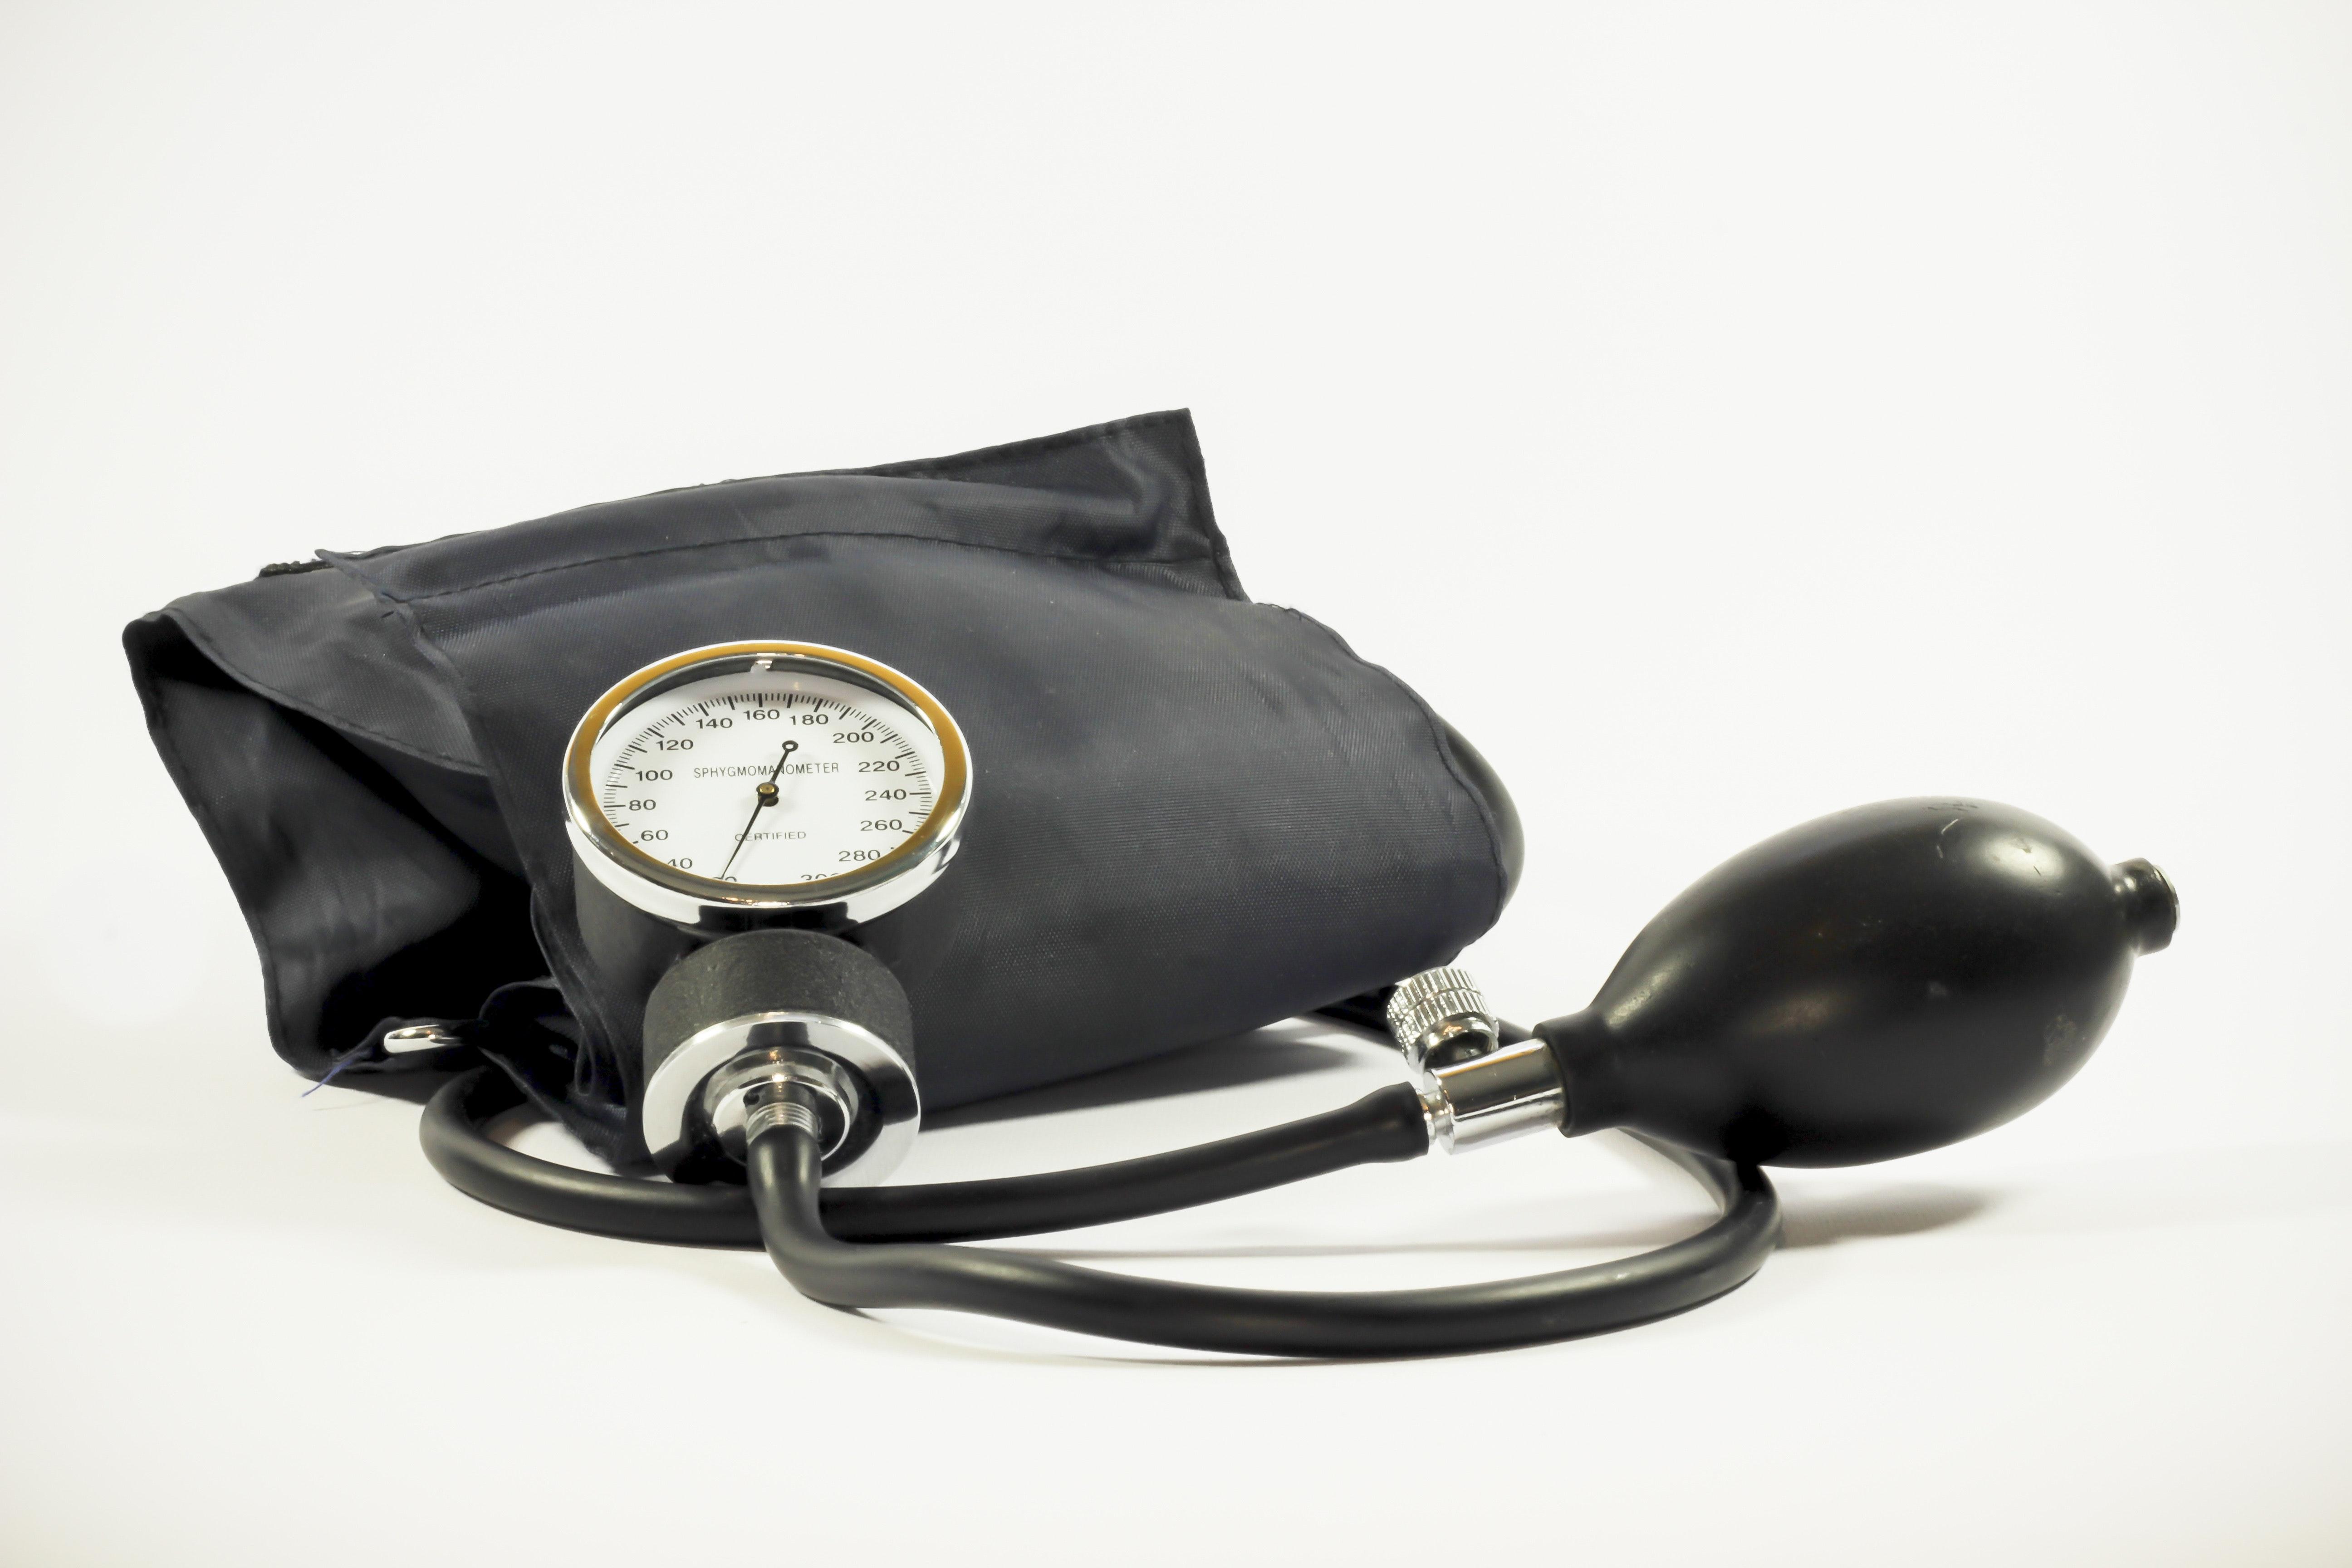 80 % инфарктов и инсультов можно предотвратить, правильно питаясь, упражняясь и отказавшись от курения